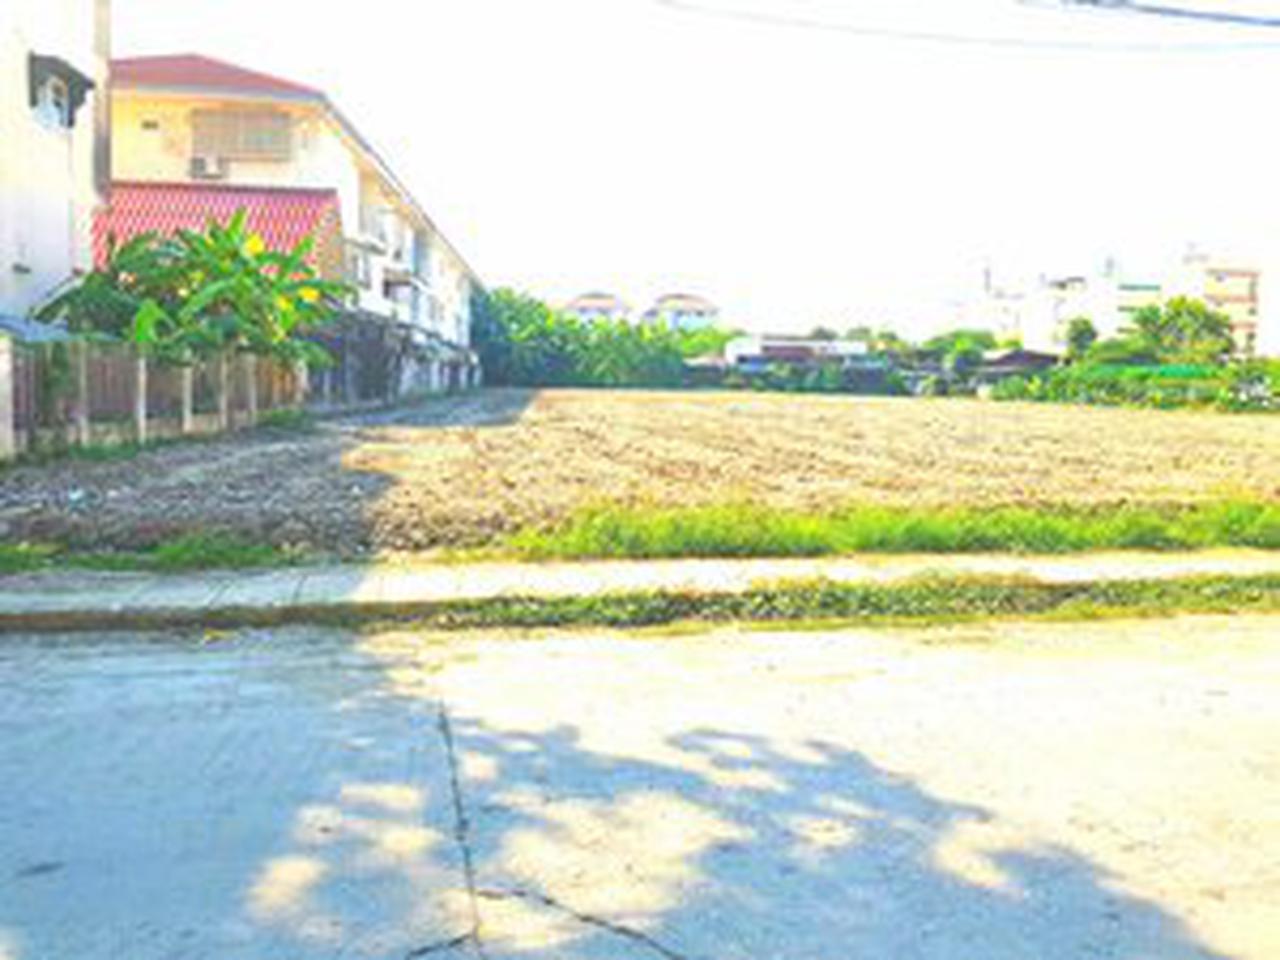 ที่ดินเปล่าถมแล้วให้เช่าในถนนนวมินทร์ กรุงเทพมหานคร รูปที่ 4